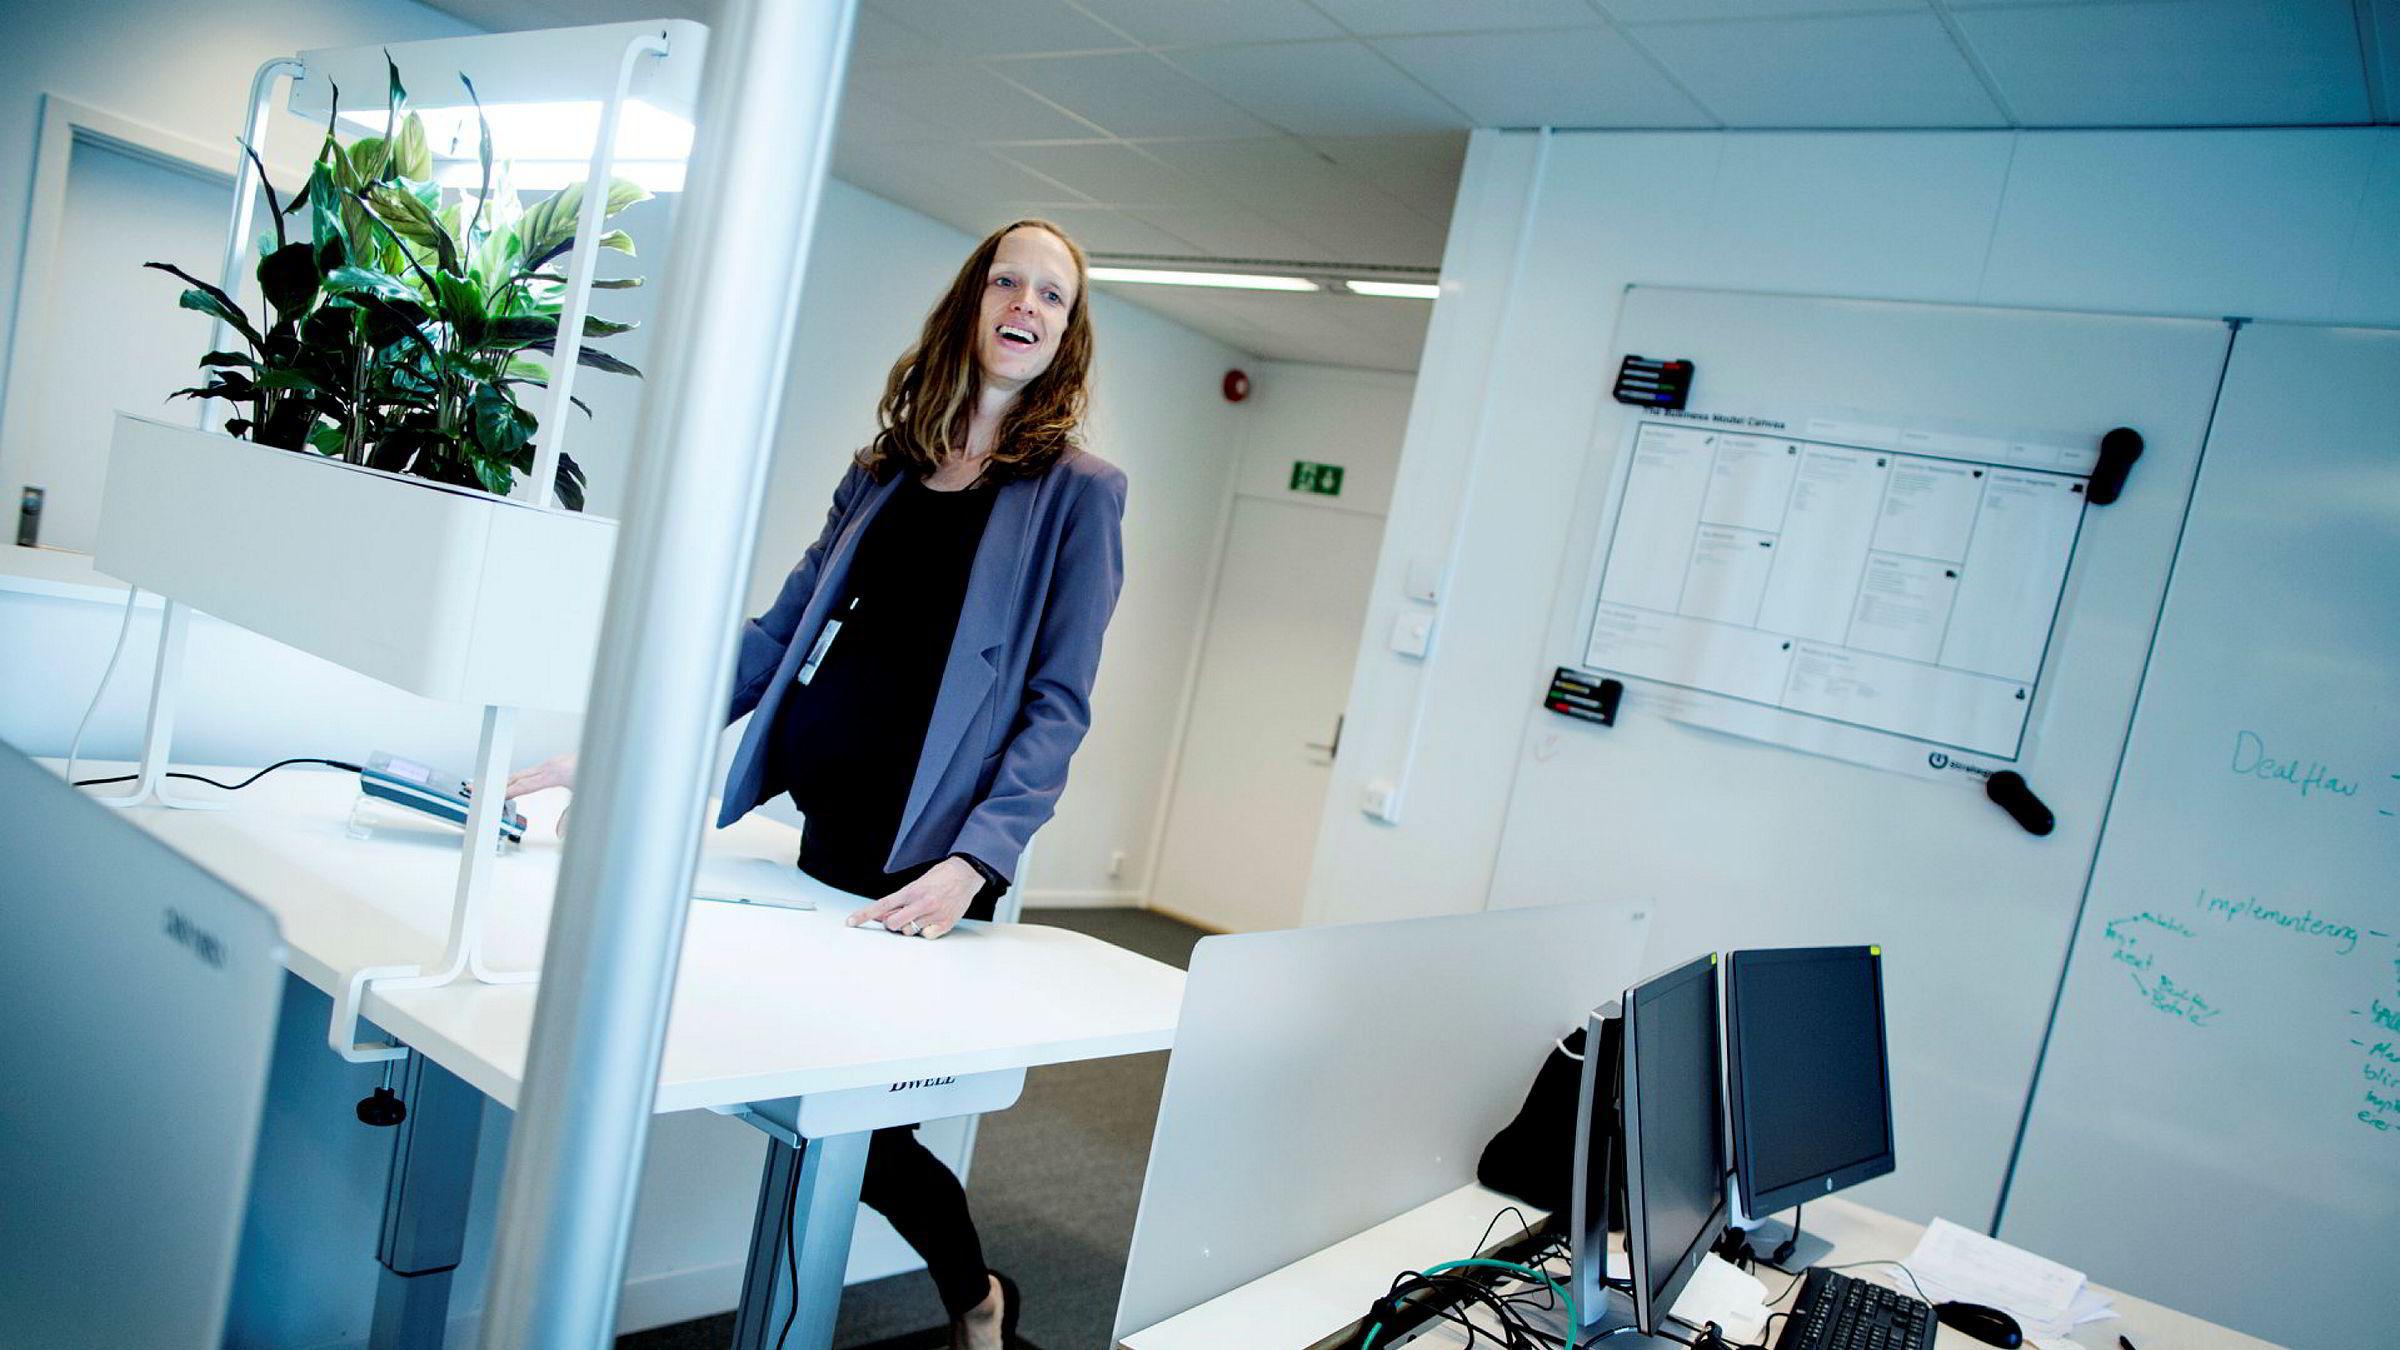 Innovasjonsdirektør Ragnhild Ulvik i Statoil tror at det å gå kan stimulere kreative prosesser. På kontoret på Fornebu har hun tredemølle.